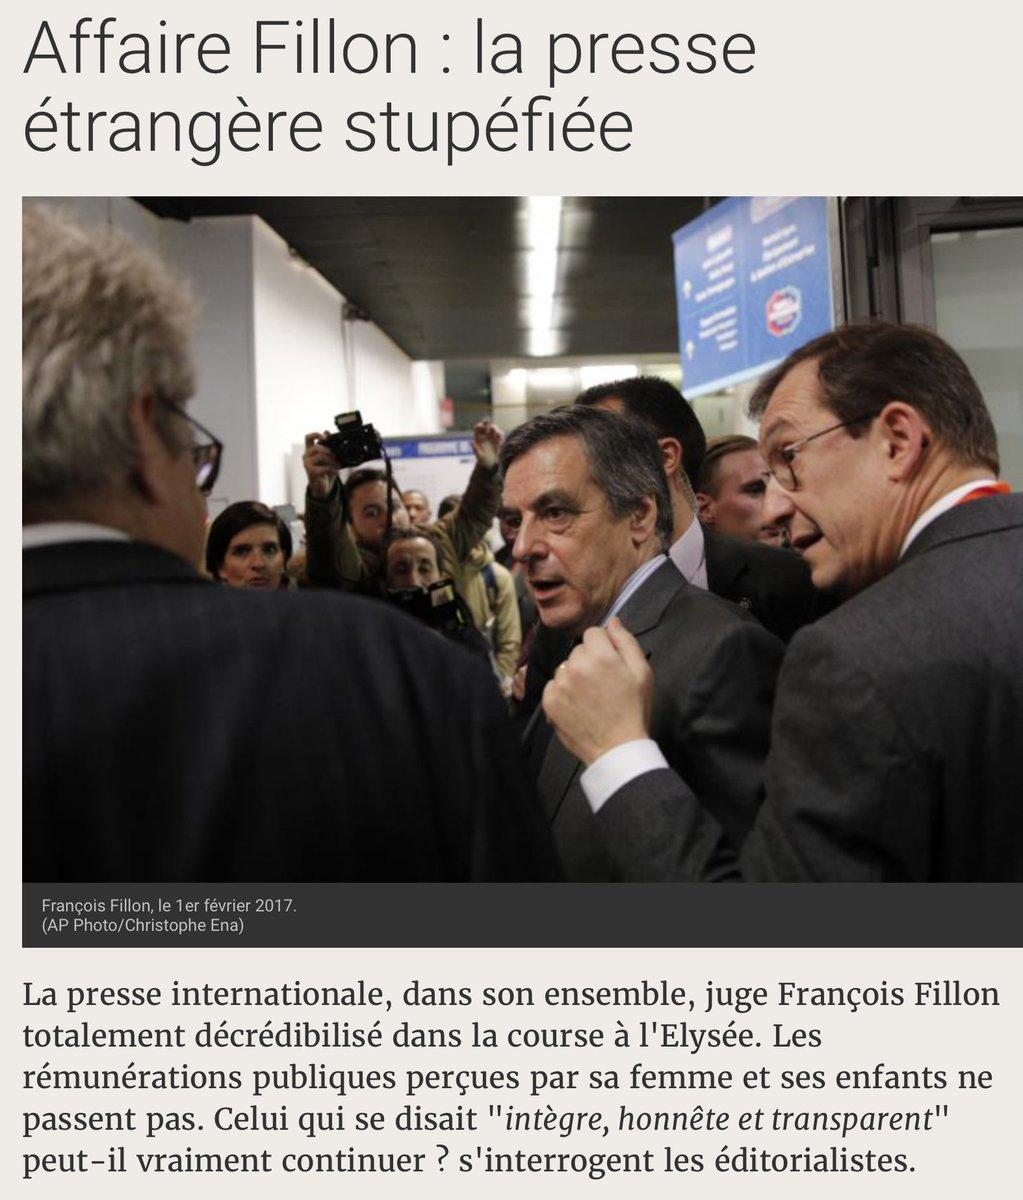 Le maintien de la candidature de #Fillon fait de nous la risée - et la honte - du monde. Une république bananière.  http:// information.tv5monde.com/info/affaire-f illon-la-presse-etrangere-stupefiee-152163 &nbsp; … <br>http://pic.twitter.com/RtzWBdgWTx